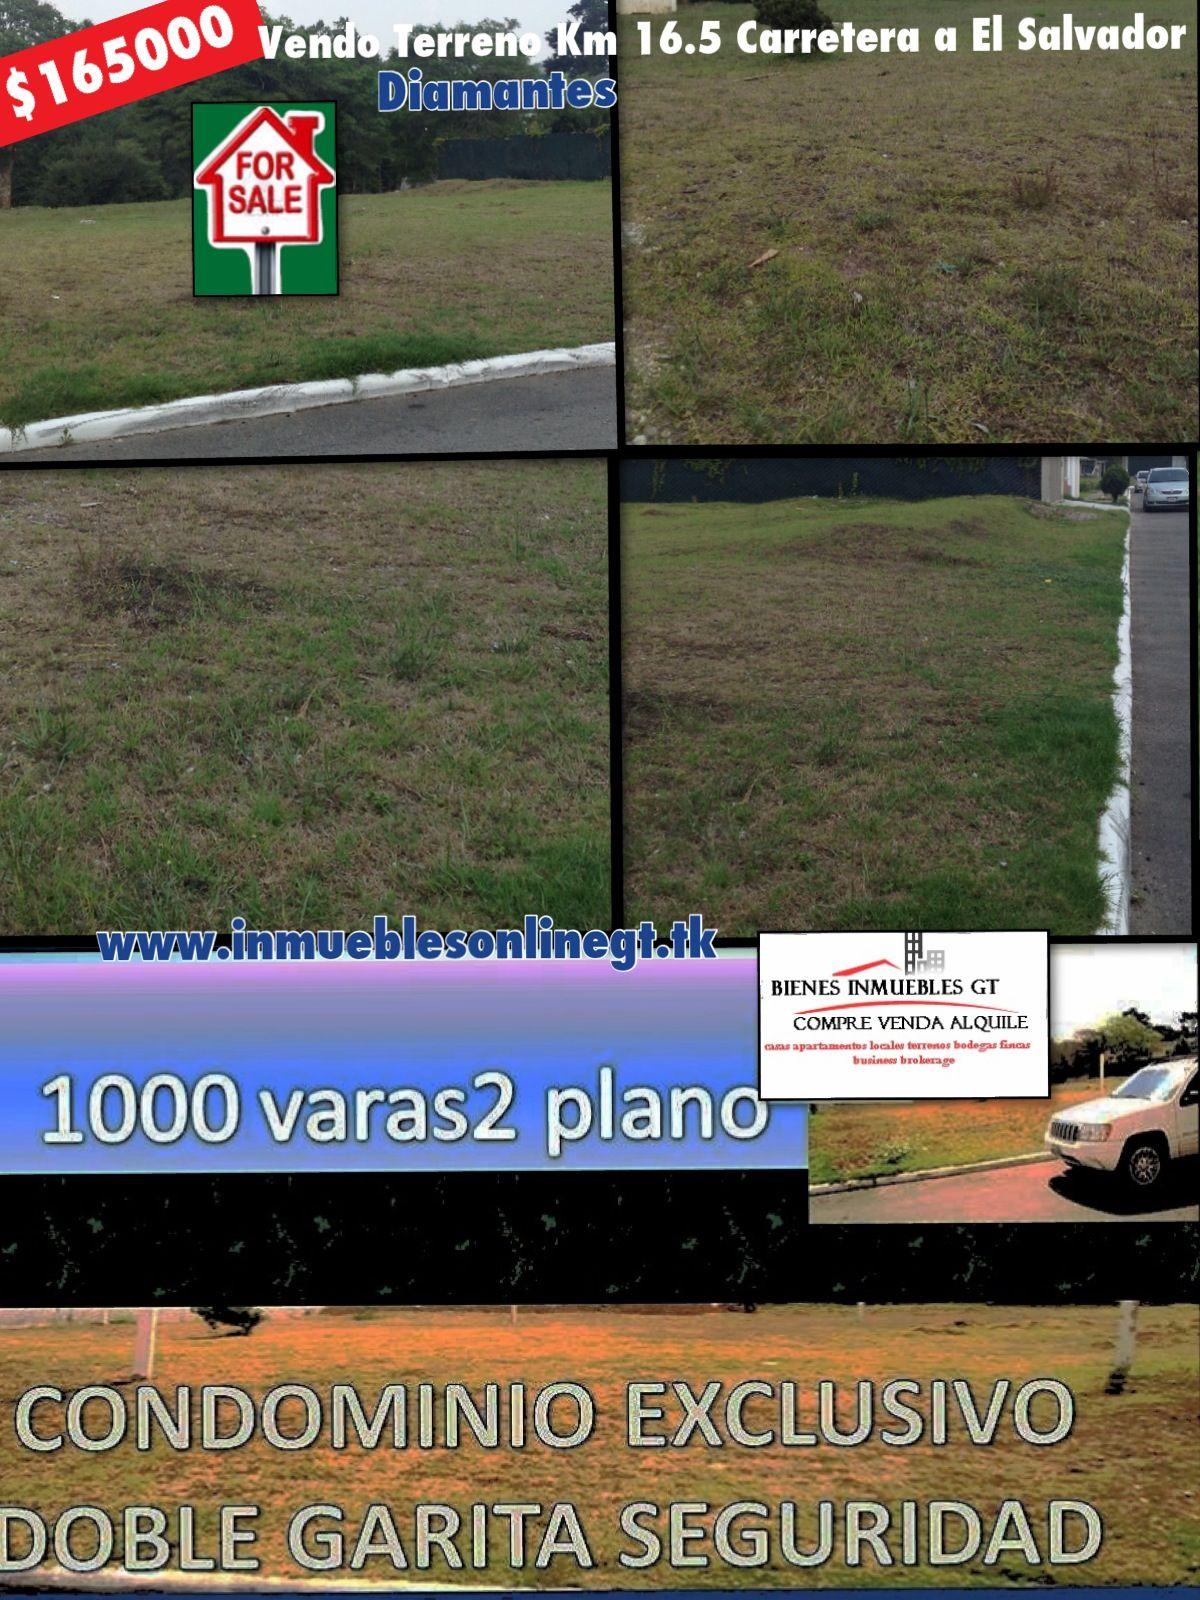 Vendo Terreno 1000 Varas2 Km 16 5 Carretera A El Salvador Los